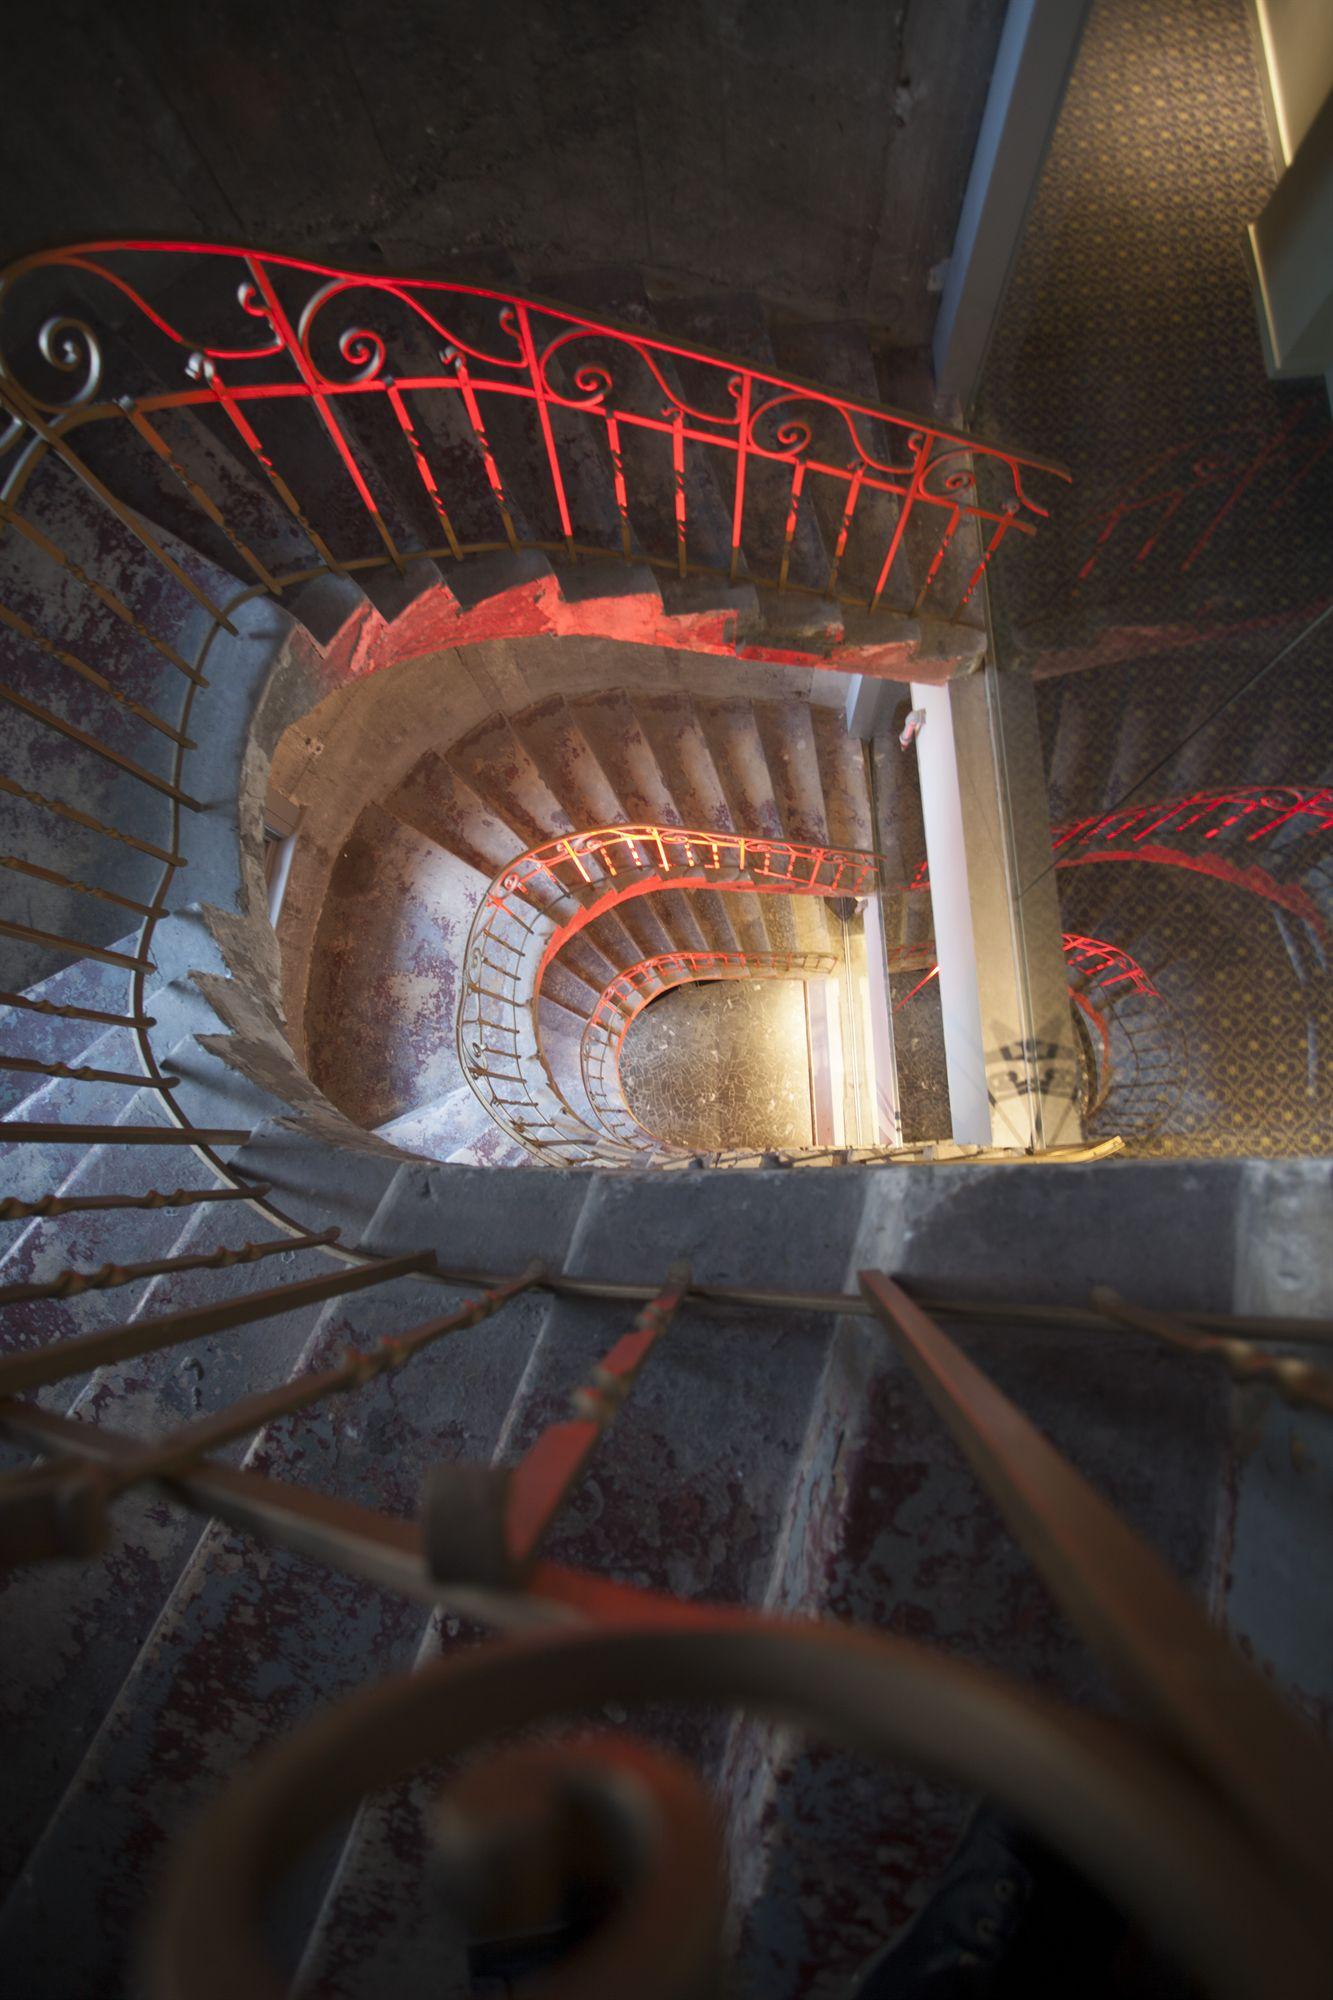 Godin Centennial Stairwell at Hotel 10